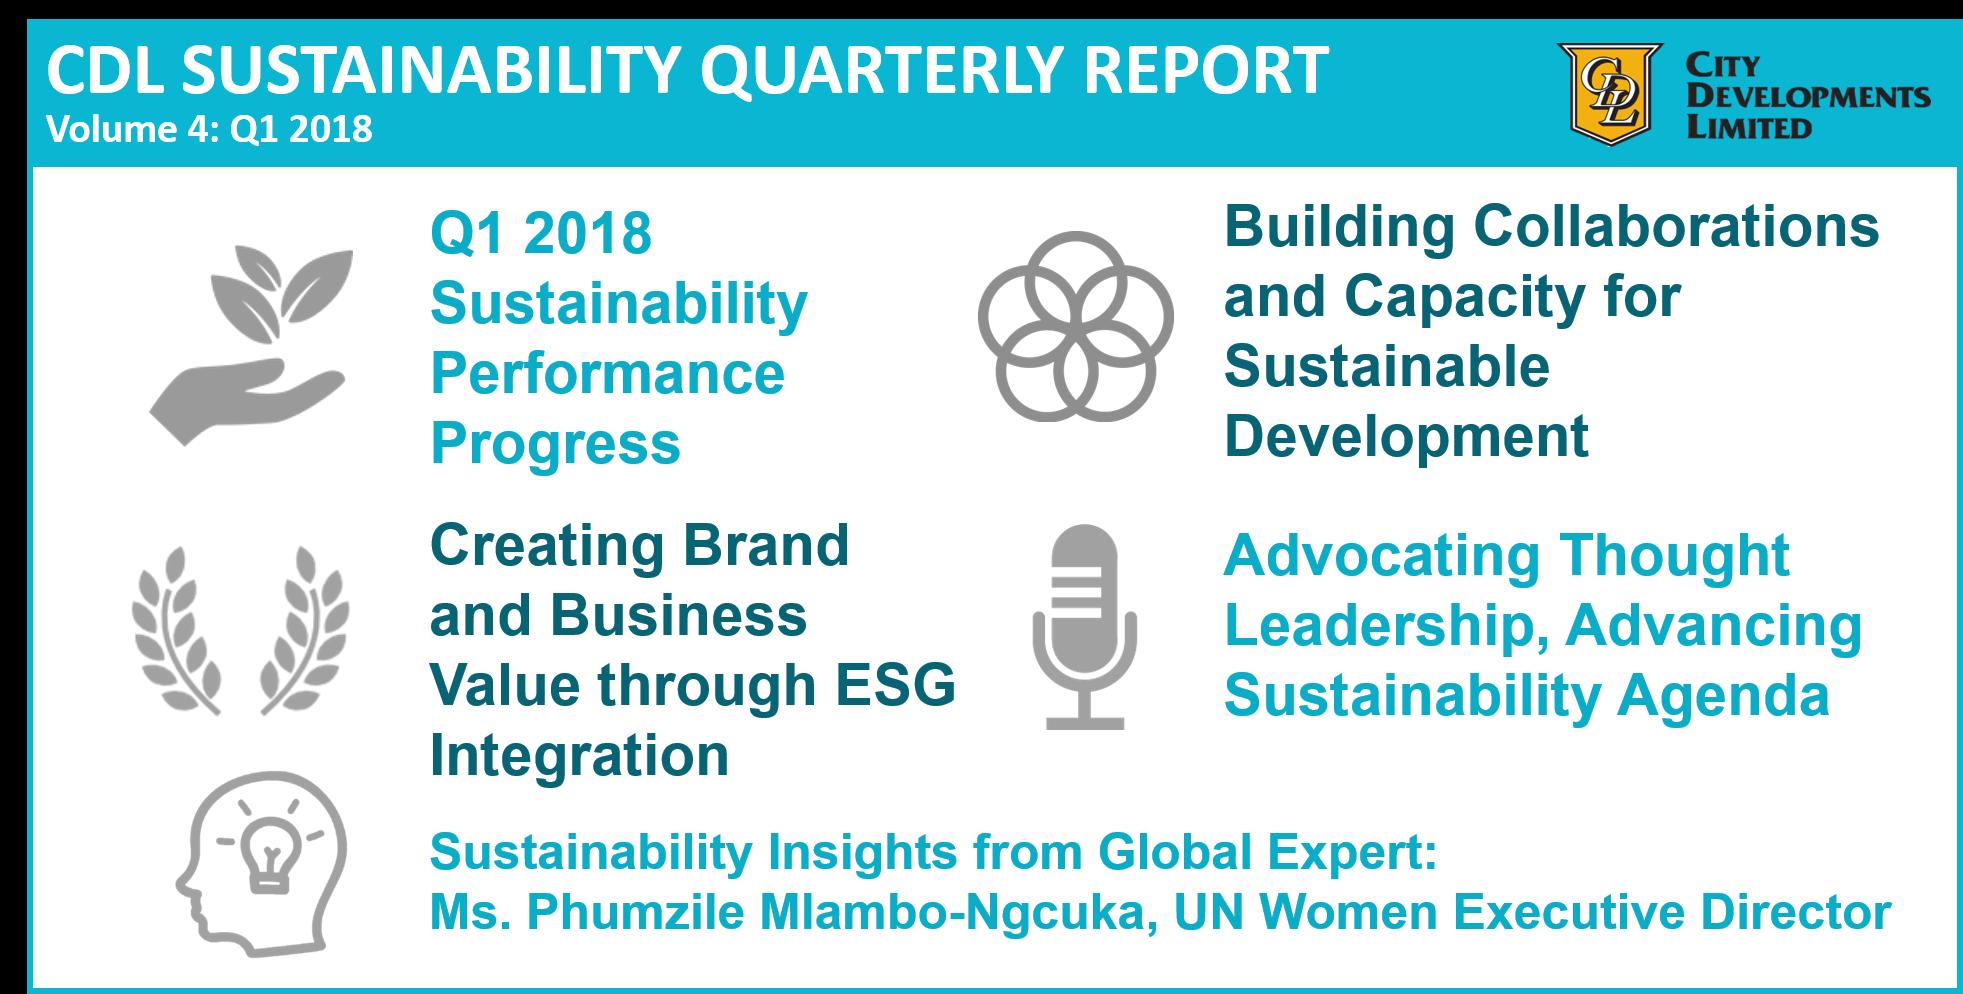 Volume 4: Q1 2018 Report